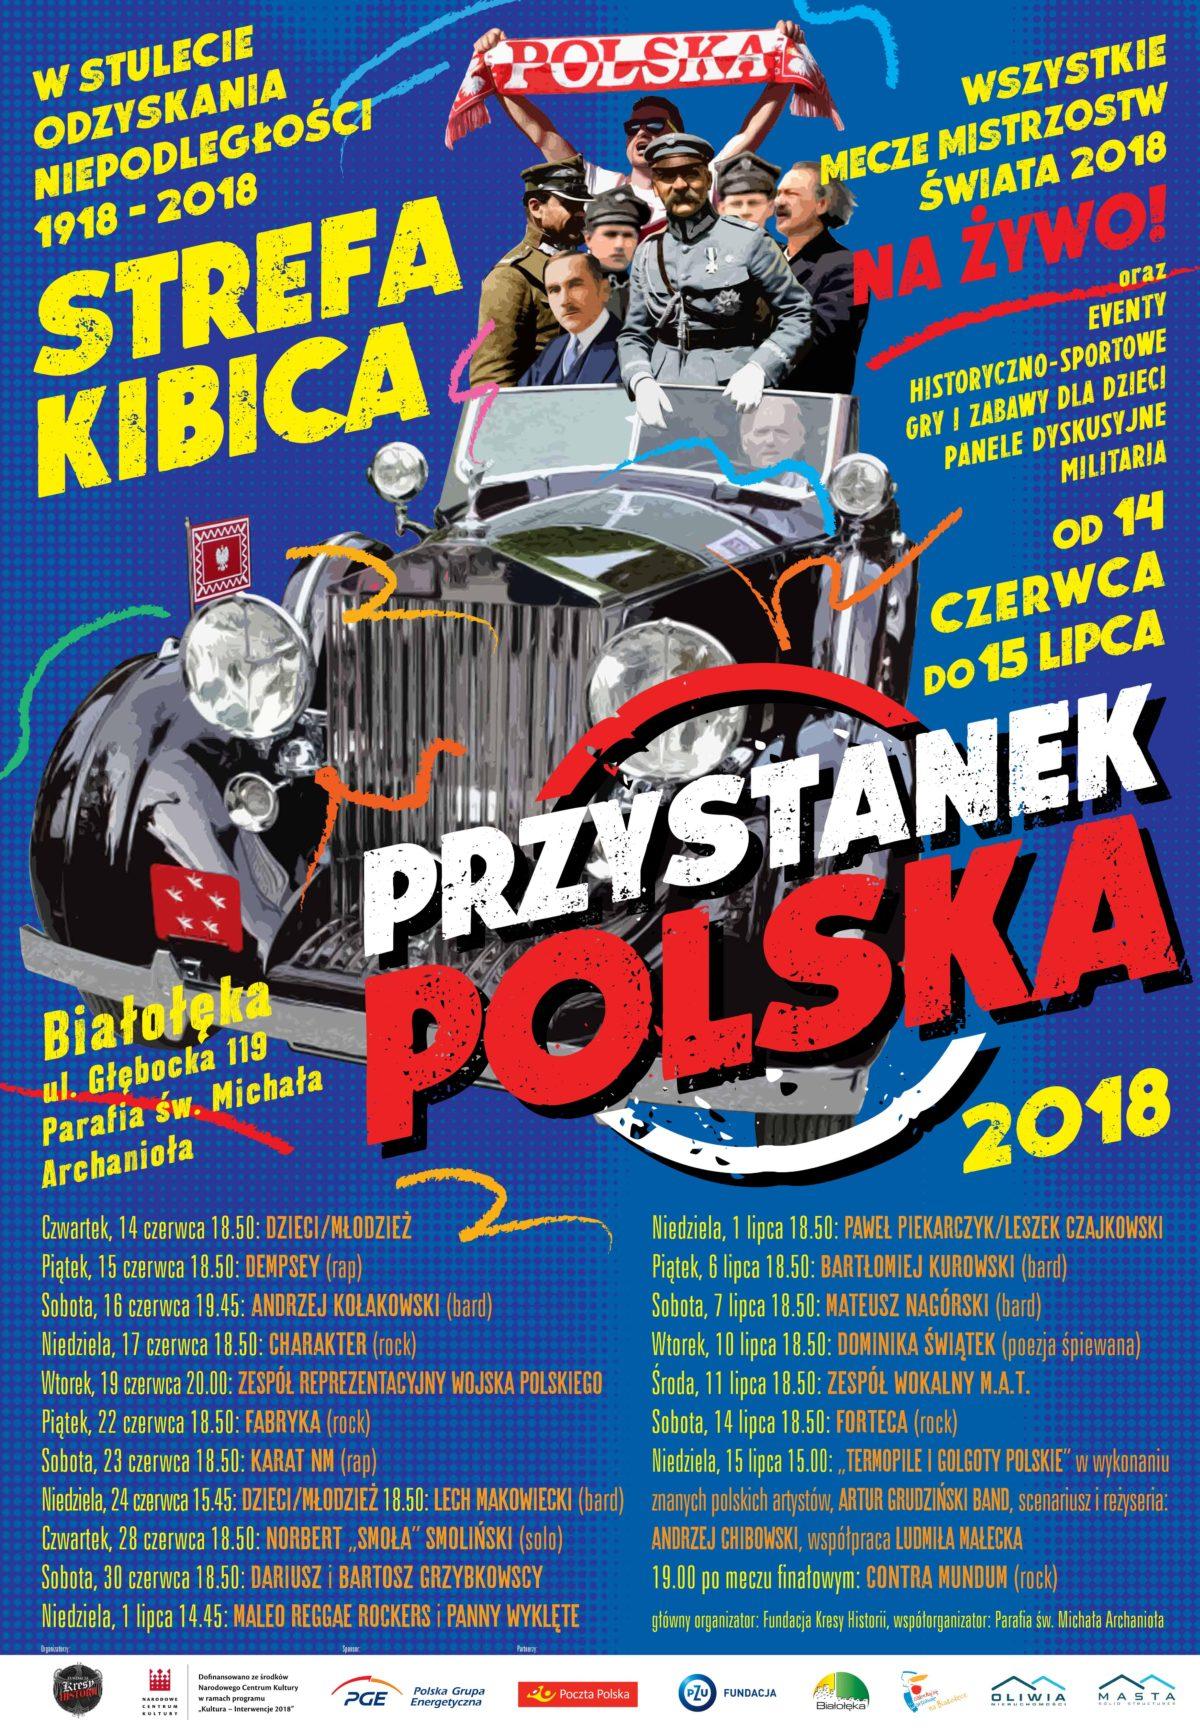 Zapraszamy na Przystanek Polska i Strefę Kibica od 14 czerwca do 15 lipca – wstęp wolny na wszystkie wydarzenia